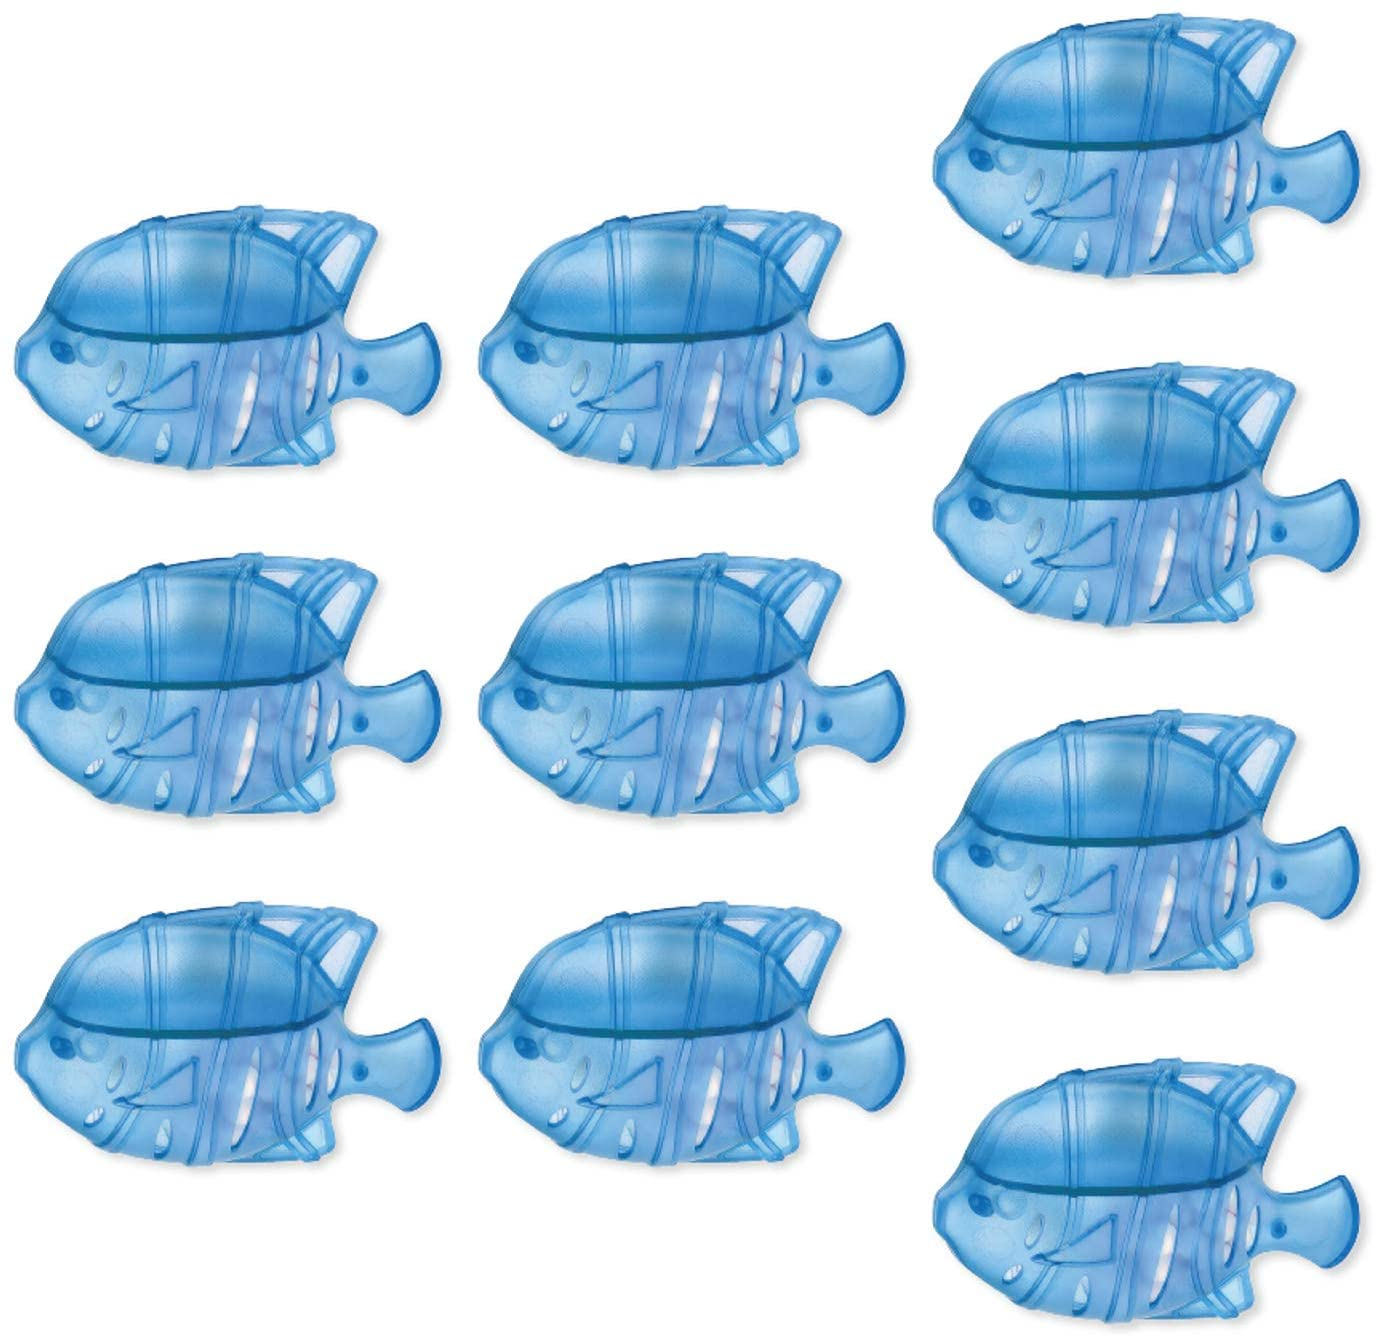 POWSTRO K 범용 가습기 클리너 어항 청소 필터 대부분의 가습기에 적합한 물고기 청소 어항 물 탱크와 호환 가능 수영장 10PECS(BULE)